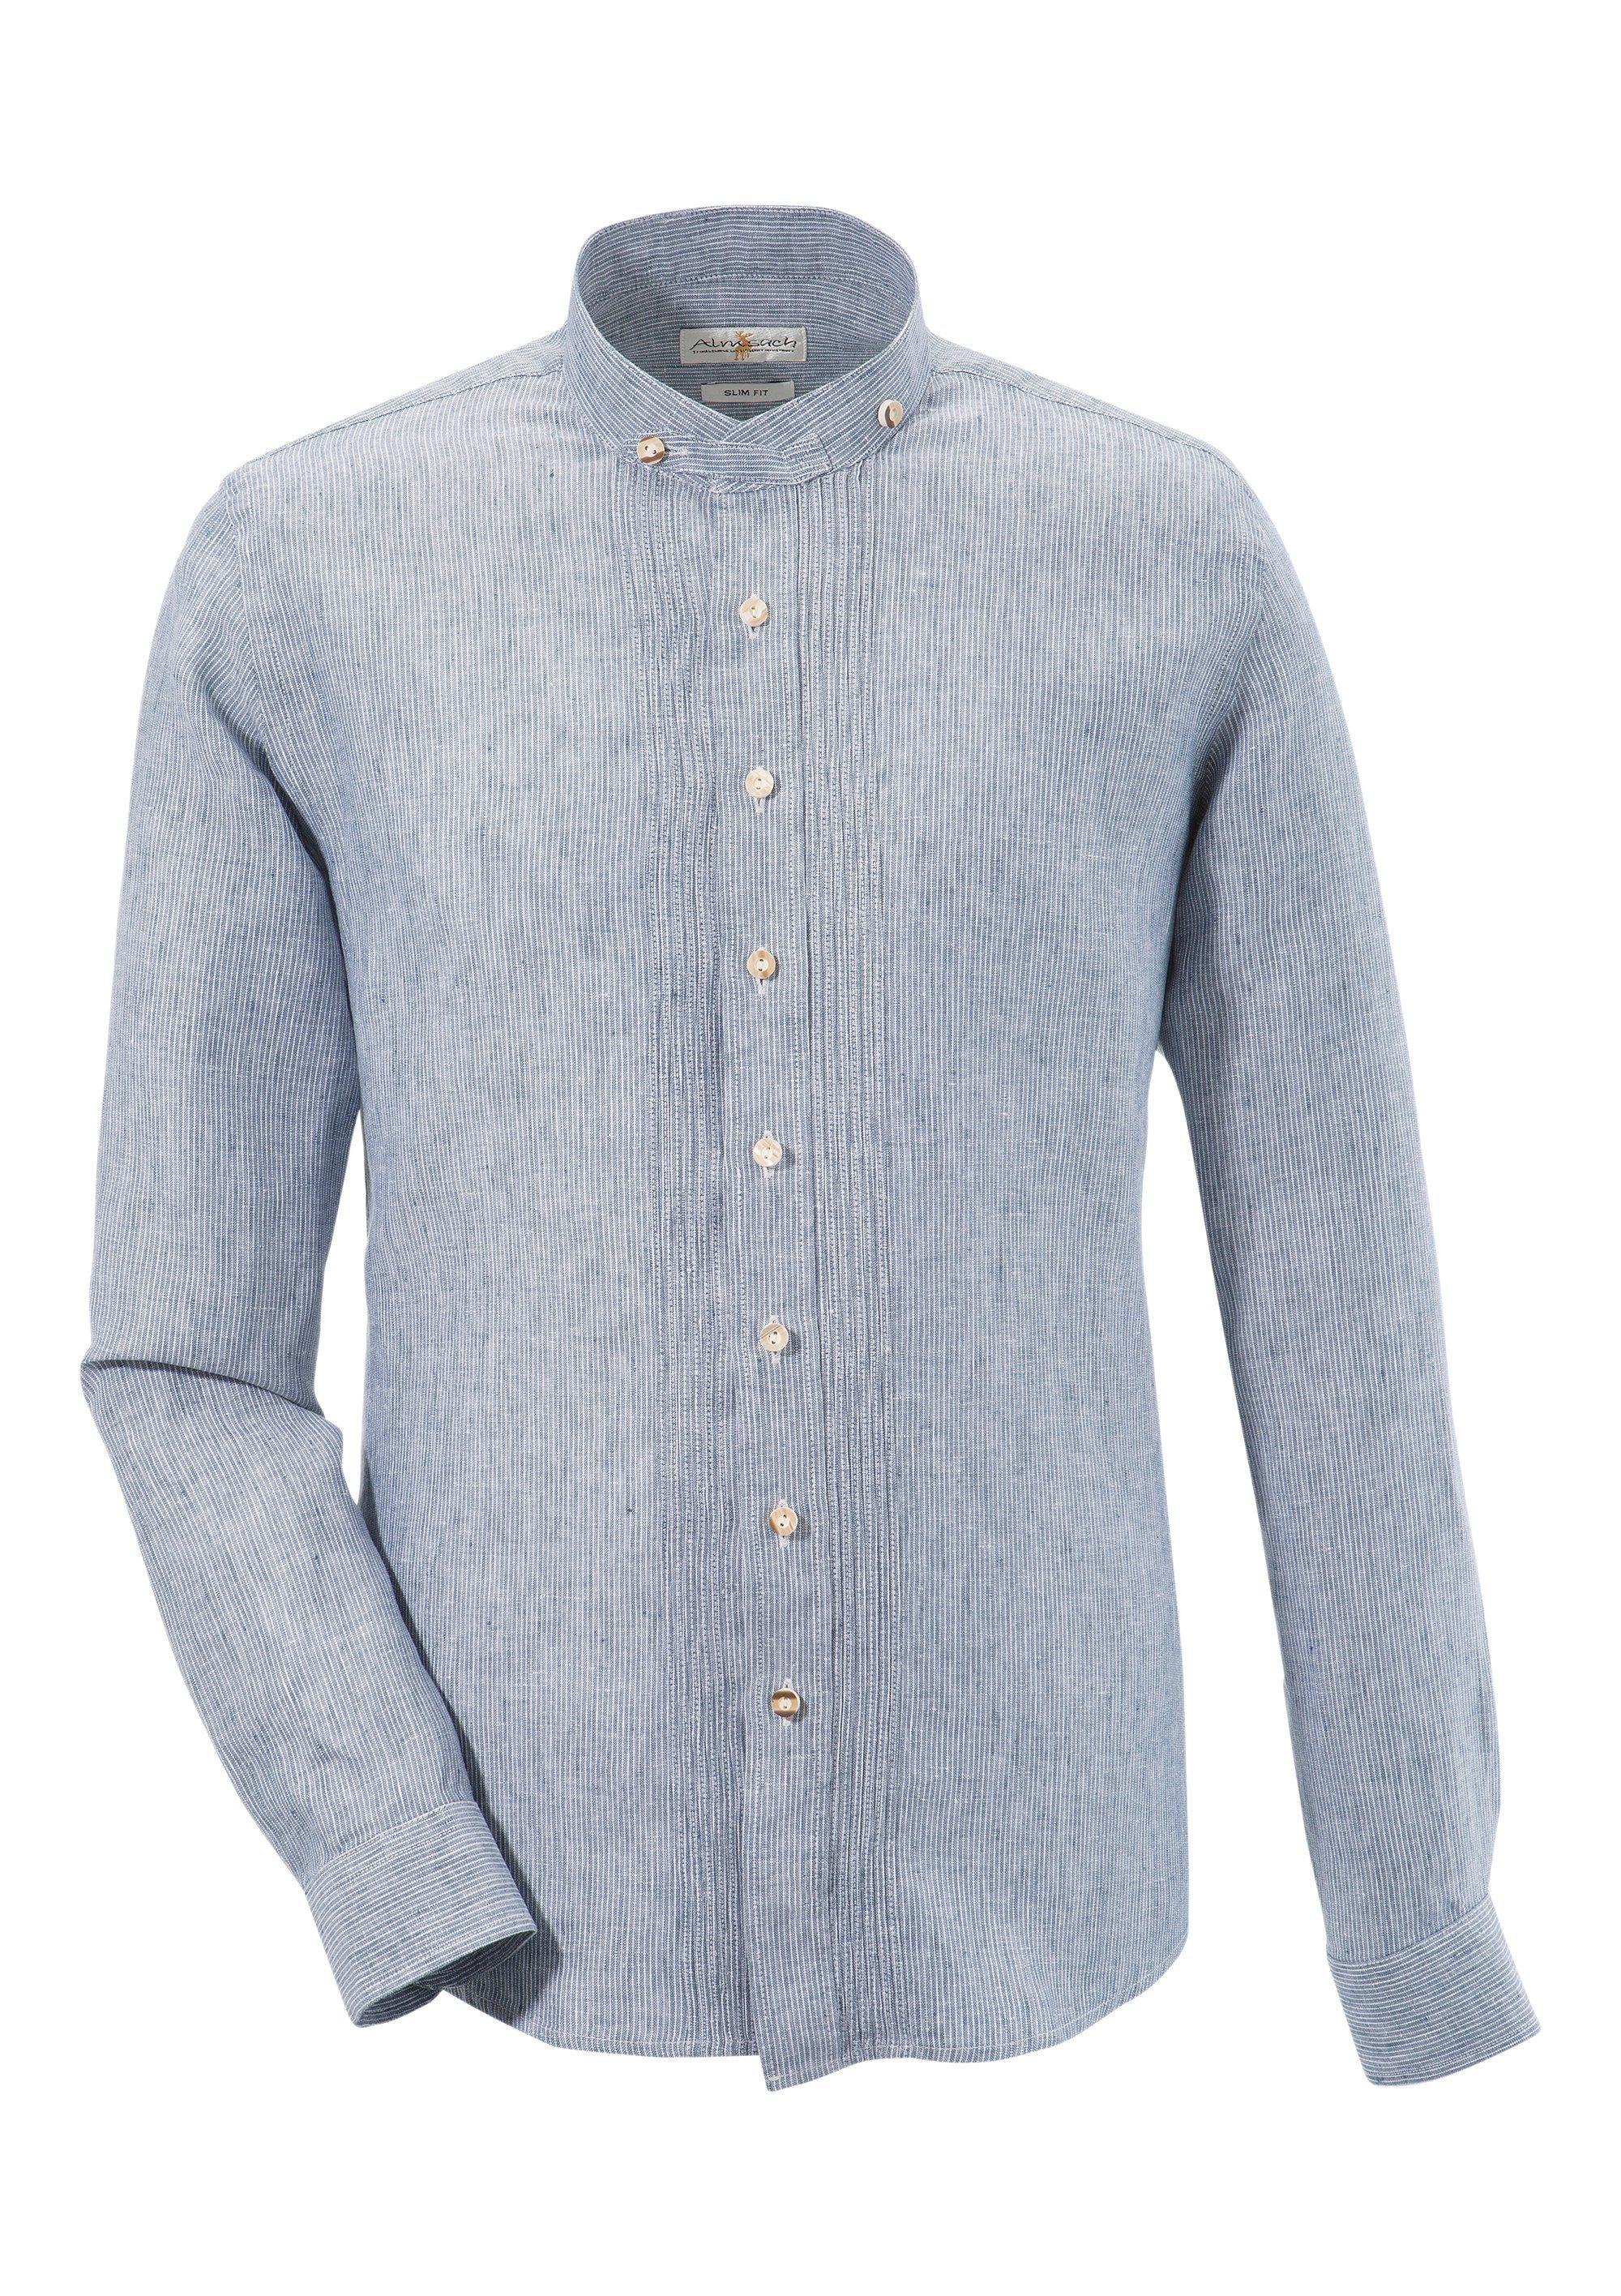 Image of Almsach Trachtenhemd, aus reiner Baumwolle